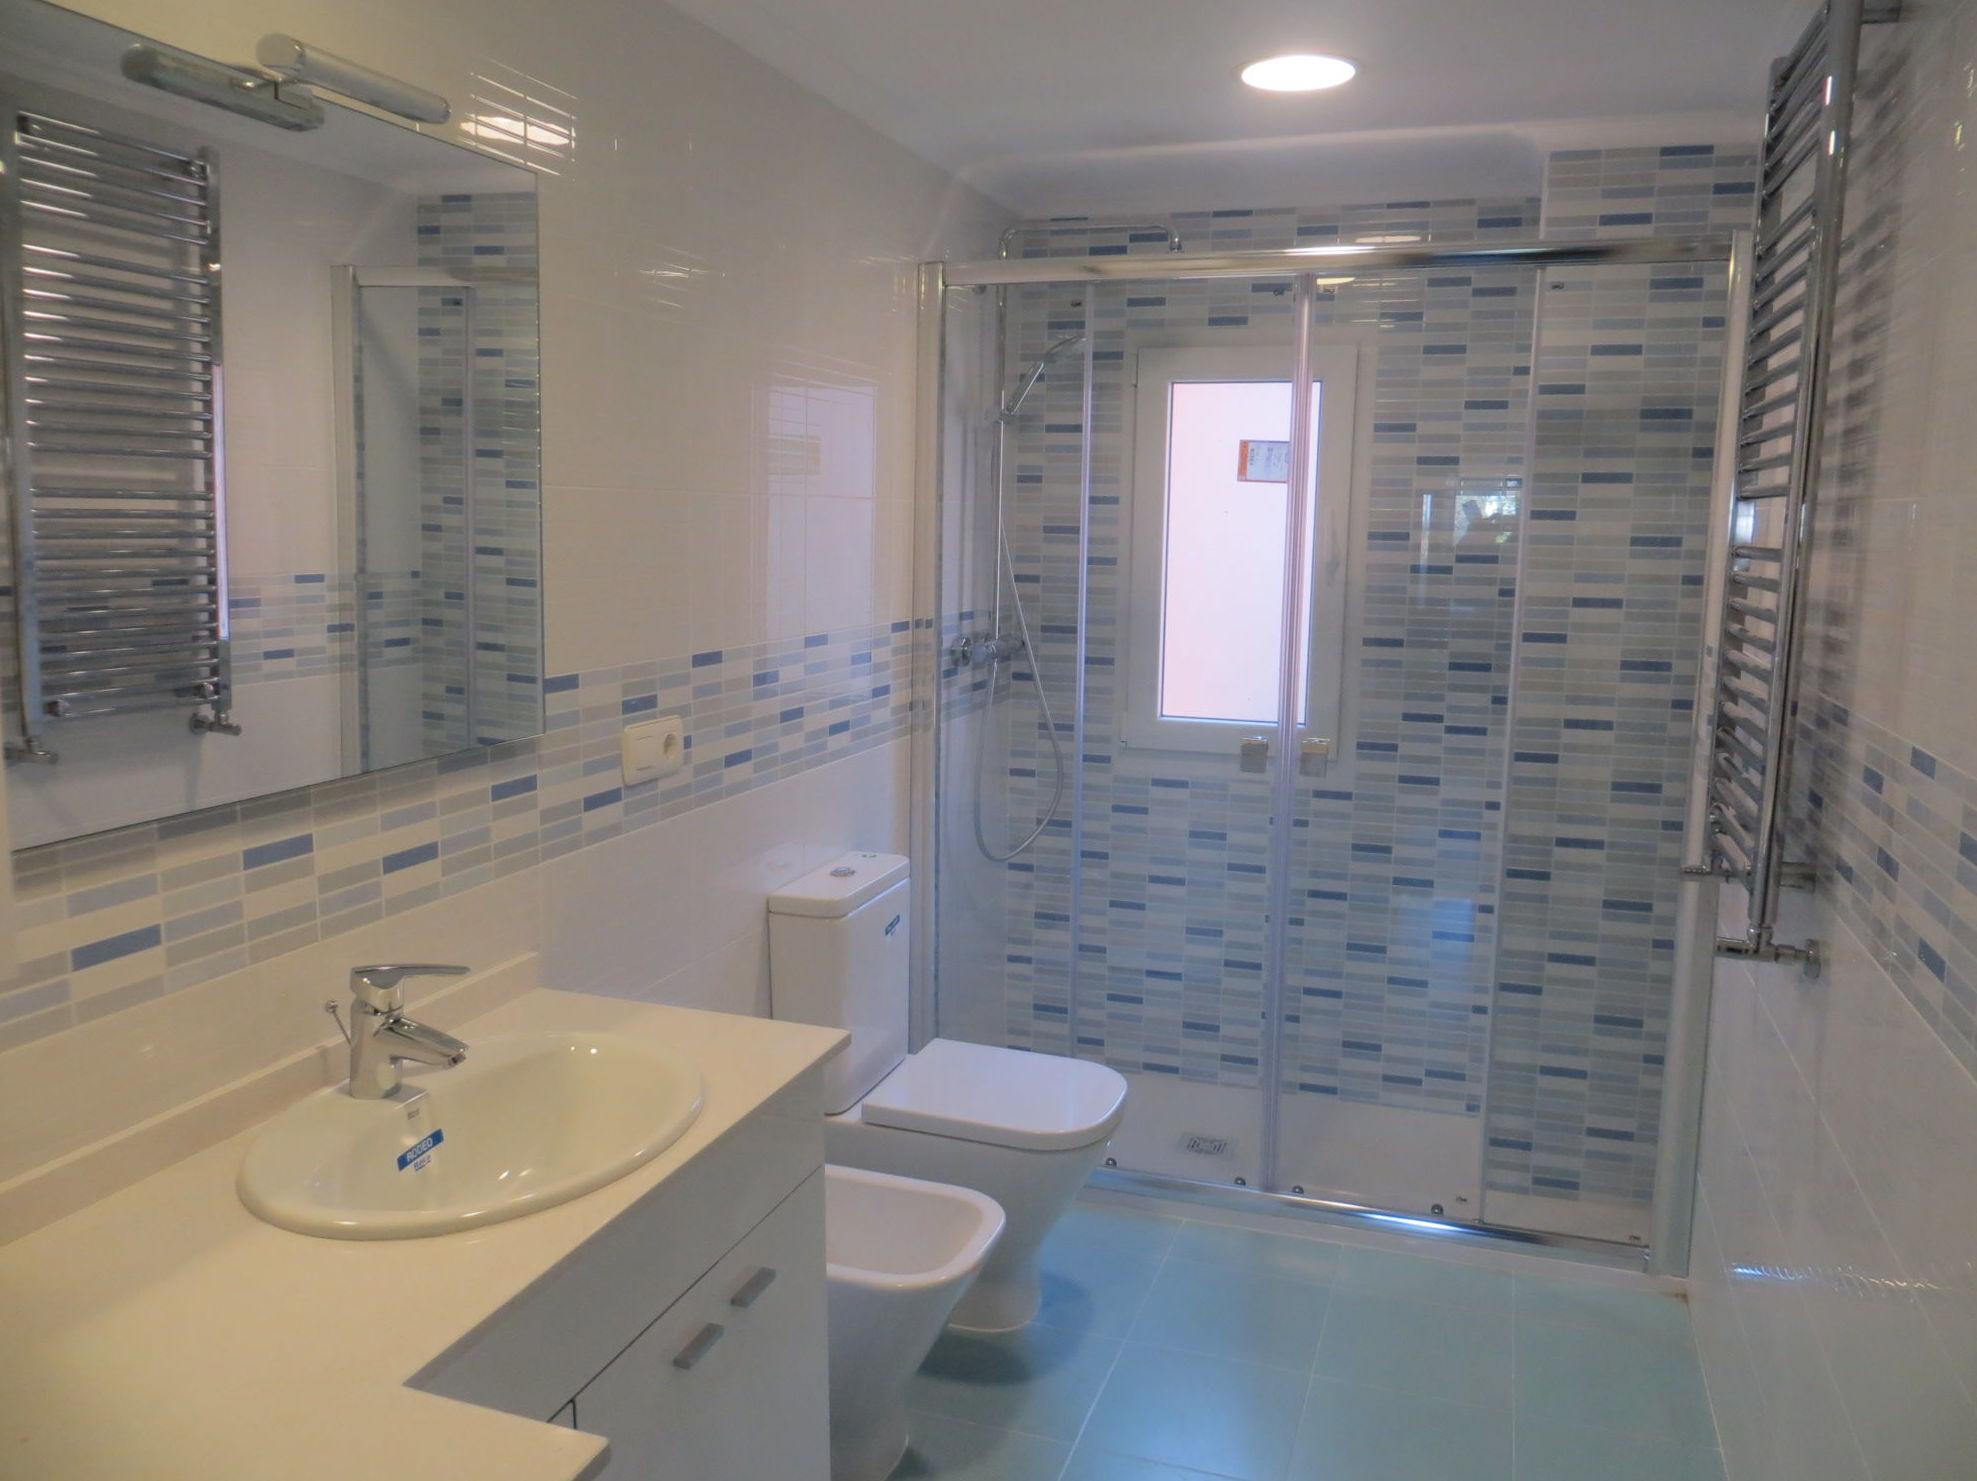 Reforma de cuarto de baño realizada en Gijón por Gresastur